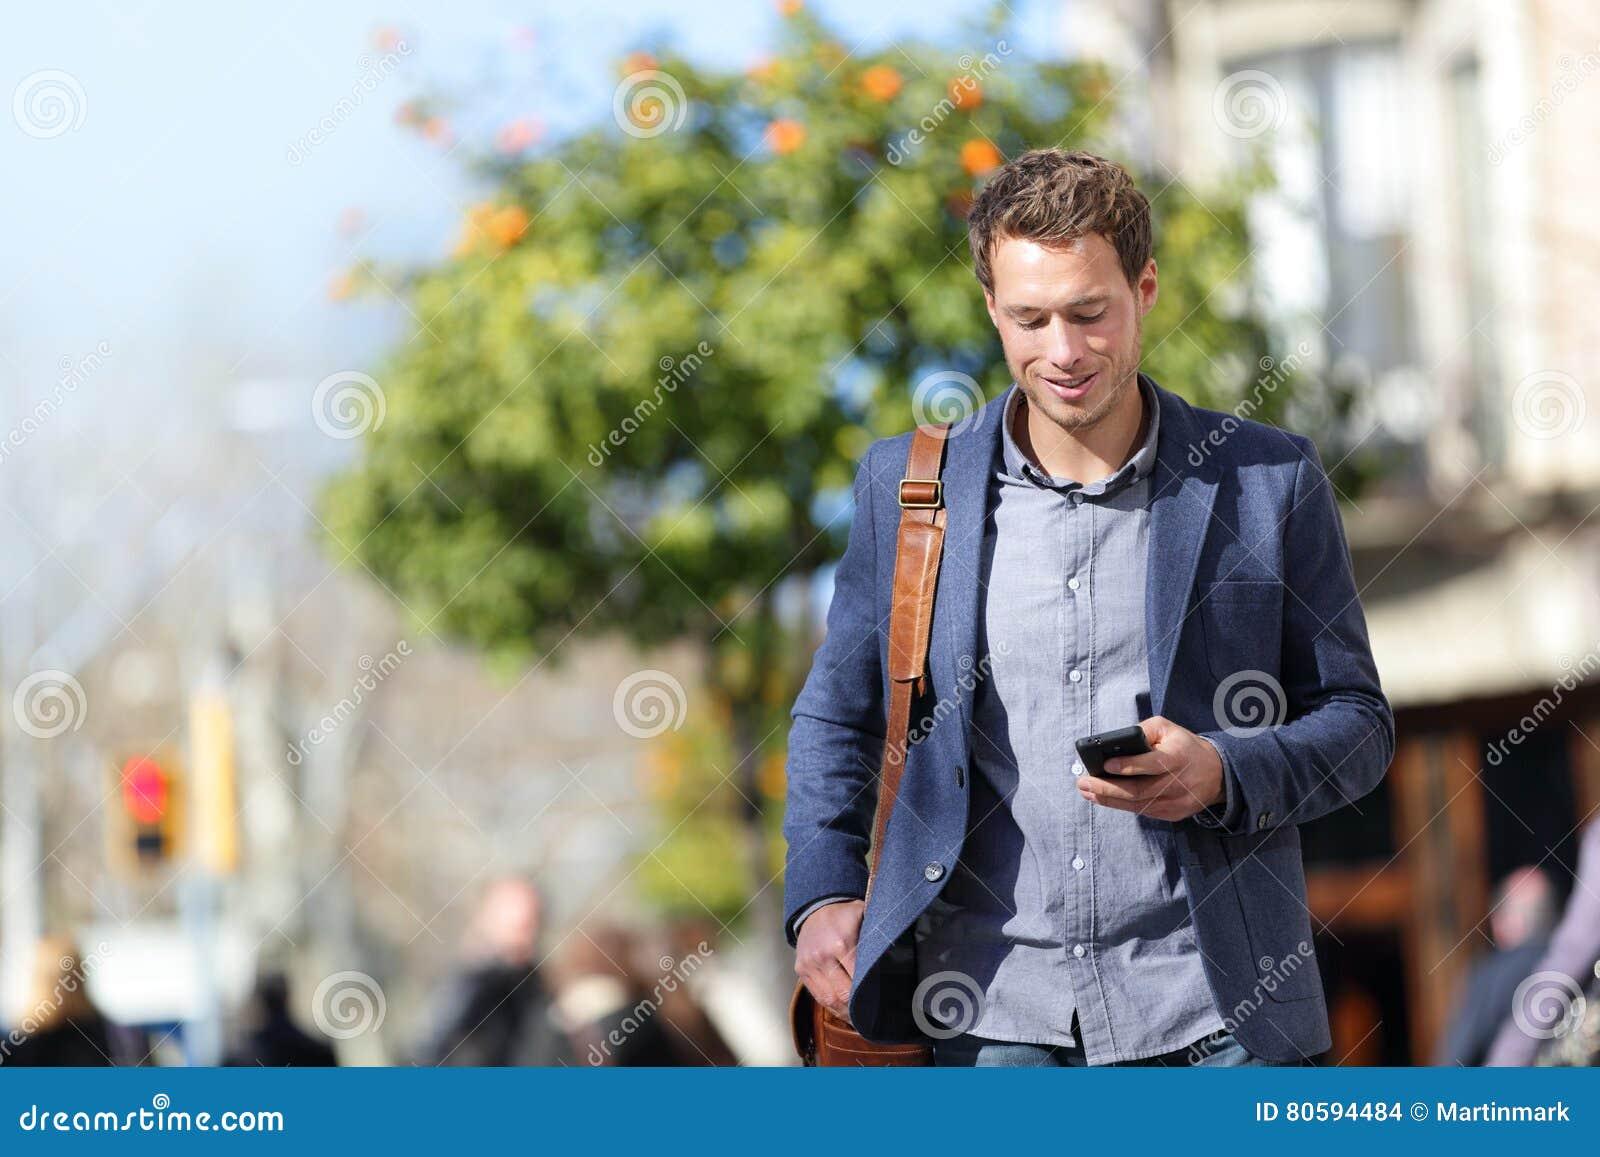 Affärspersonman på mobiltelefonen i stadsgata